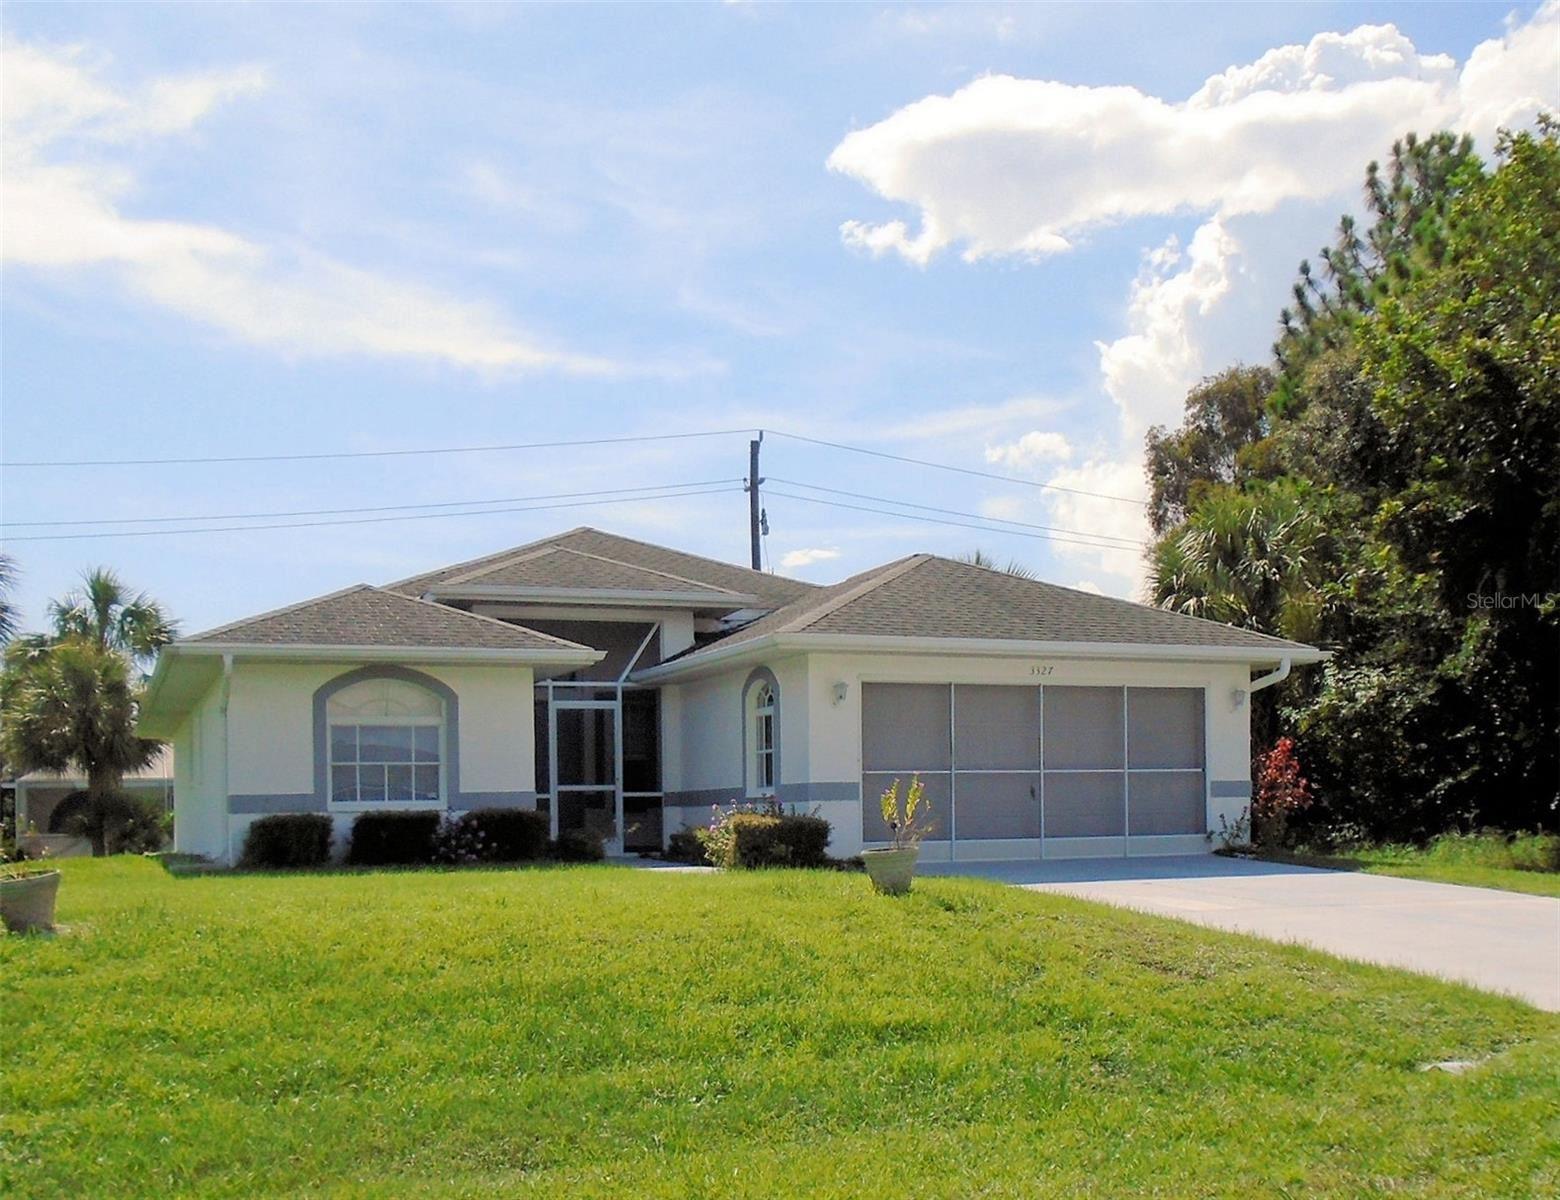 Photo of 3327 STEADMAN STREET, PORT CHARLOTTE, FL 33980 (MLS # A4506349)